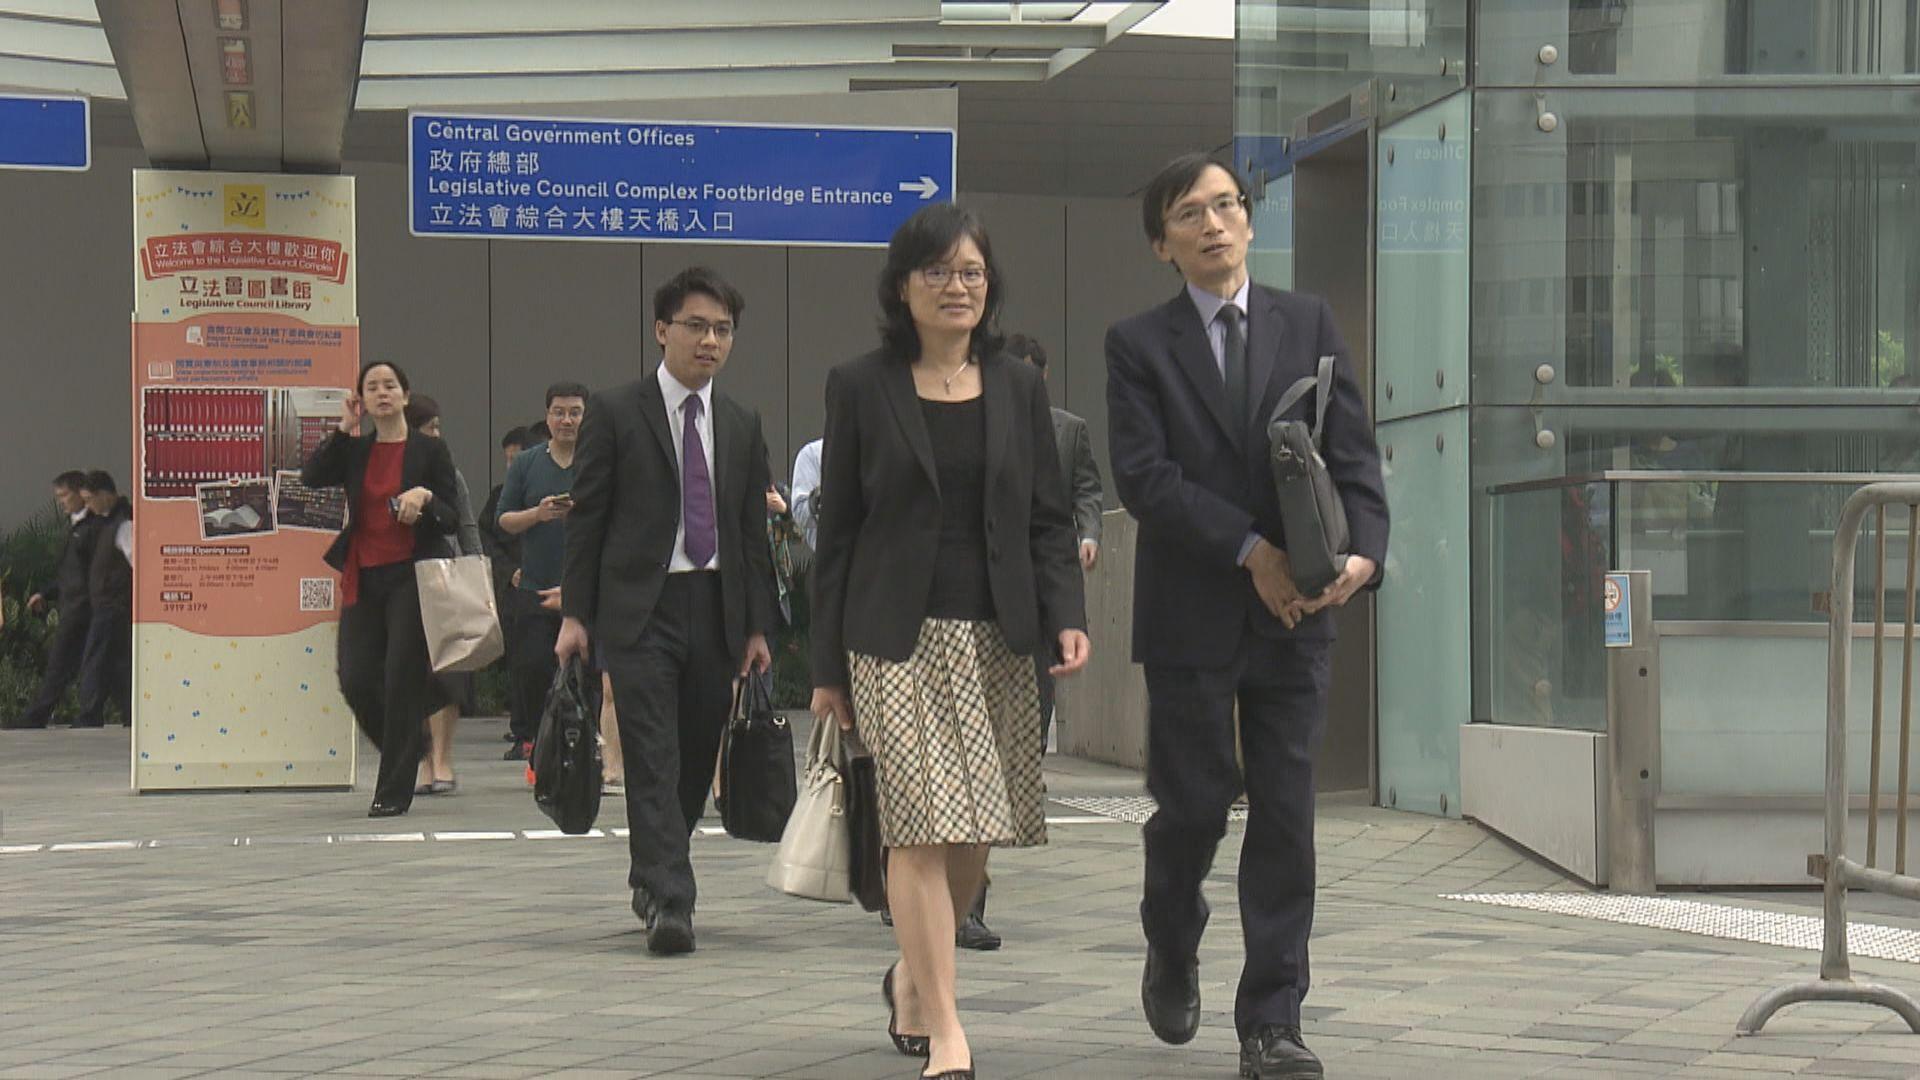 四公務員團體支持可解僱因非法活動被捕新公務員